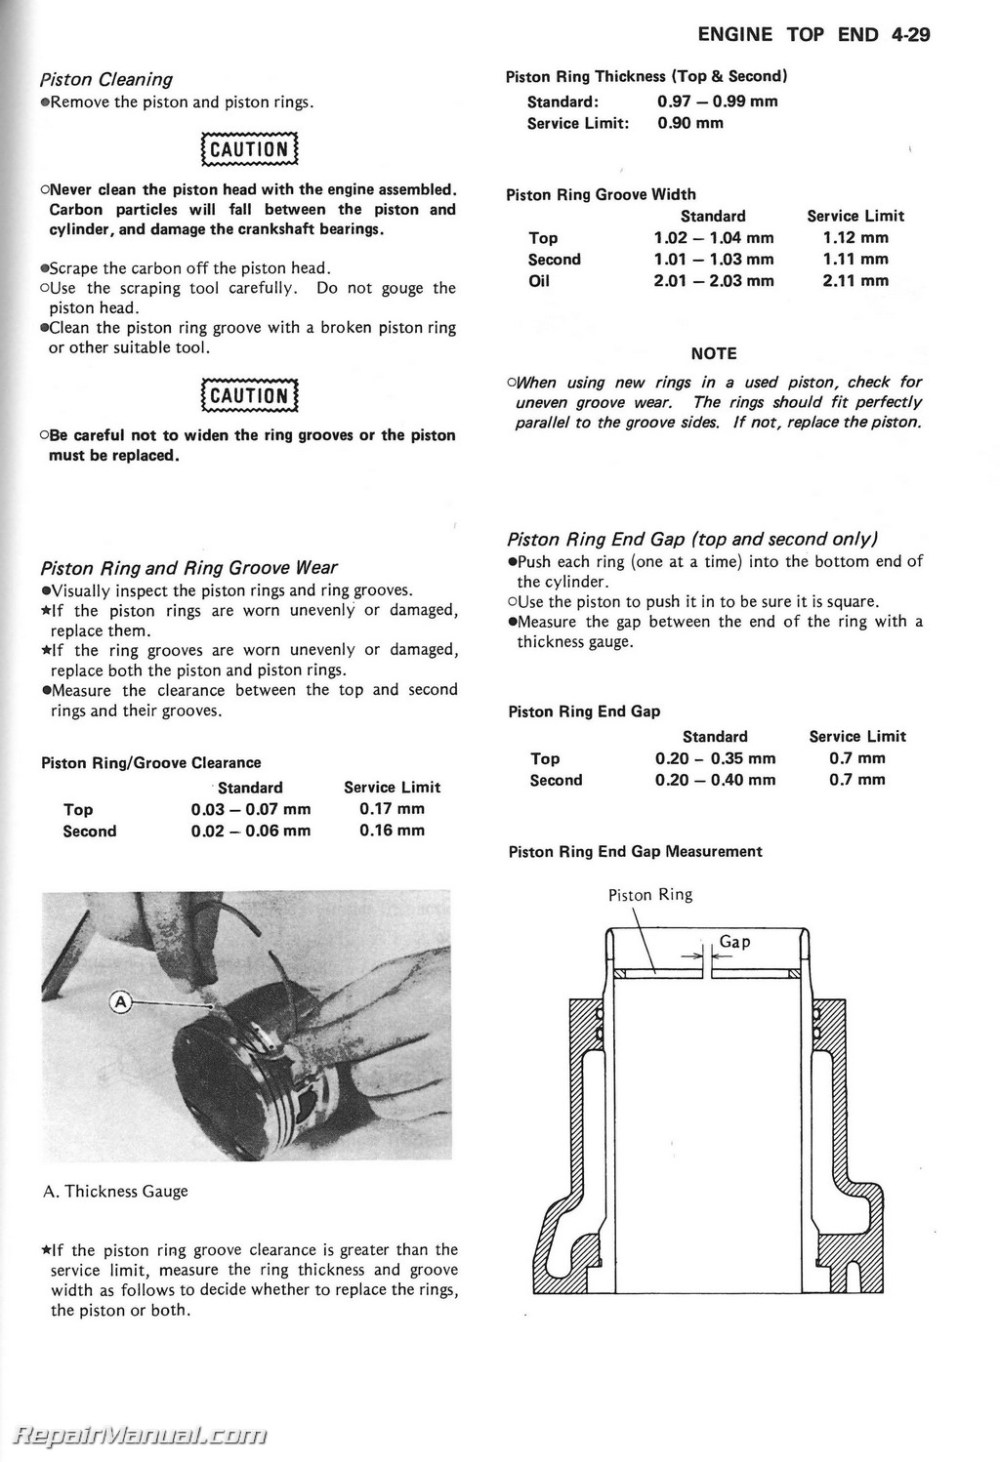 medium resolution of kawasaki voyager xii wiring diagram best wiring library1986 kawasaki zg1200b voyager xii service manual page 4